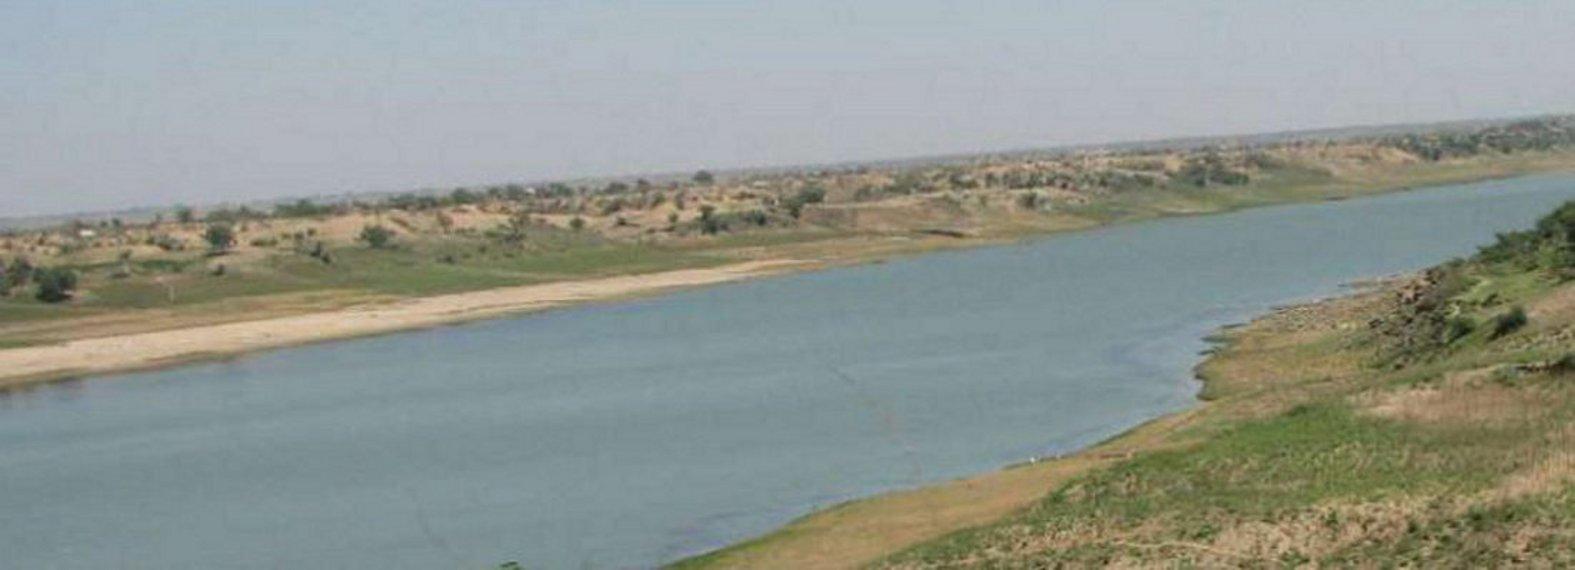 चंबल-पार्वती नदी के 495 किमी हिस्से में होगी जलीय जीवों की गणना